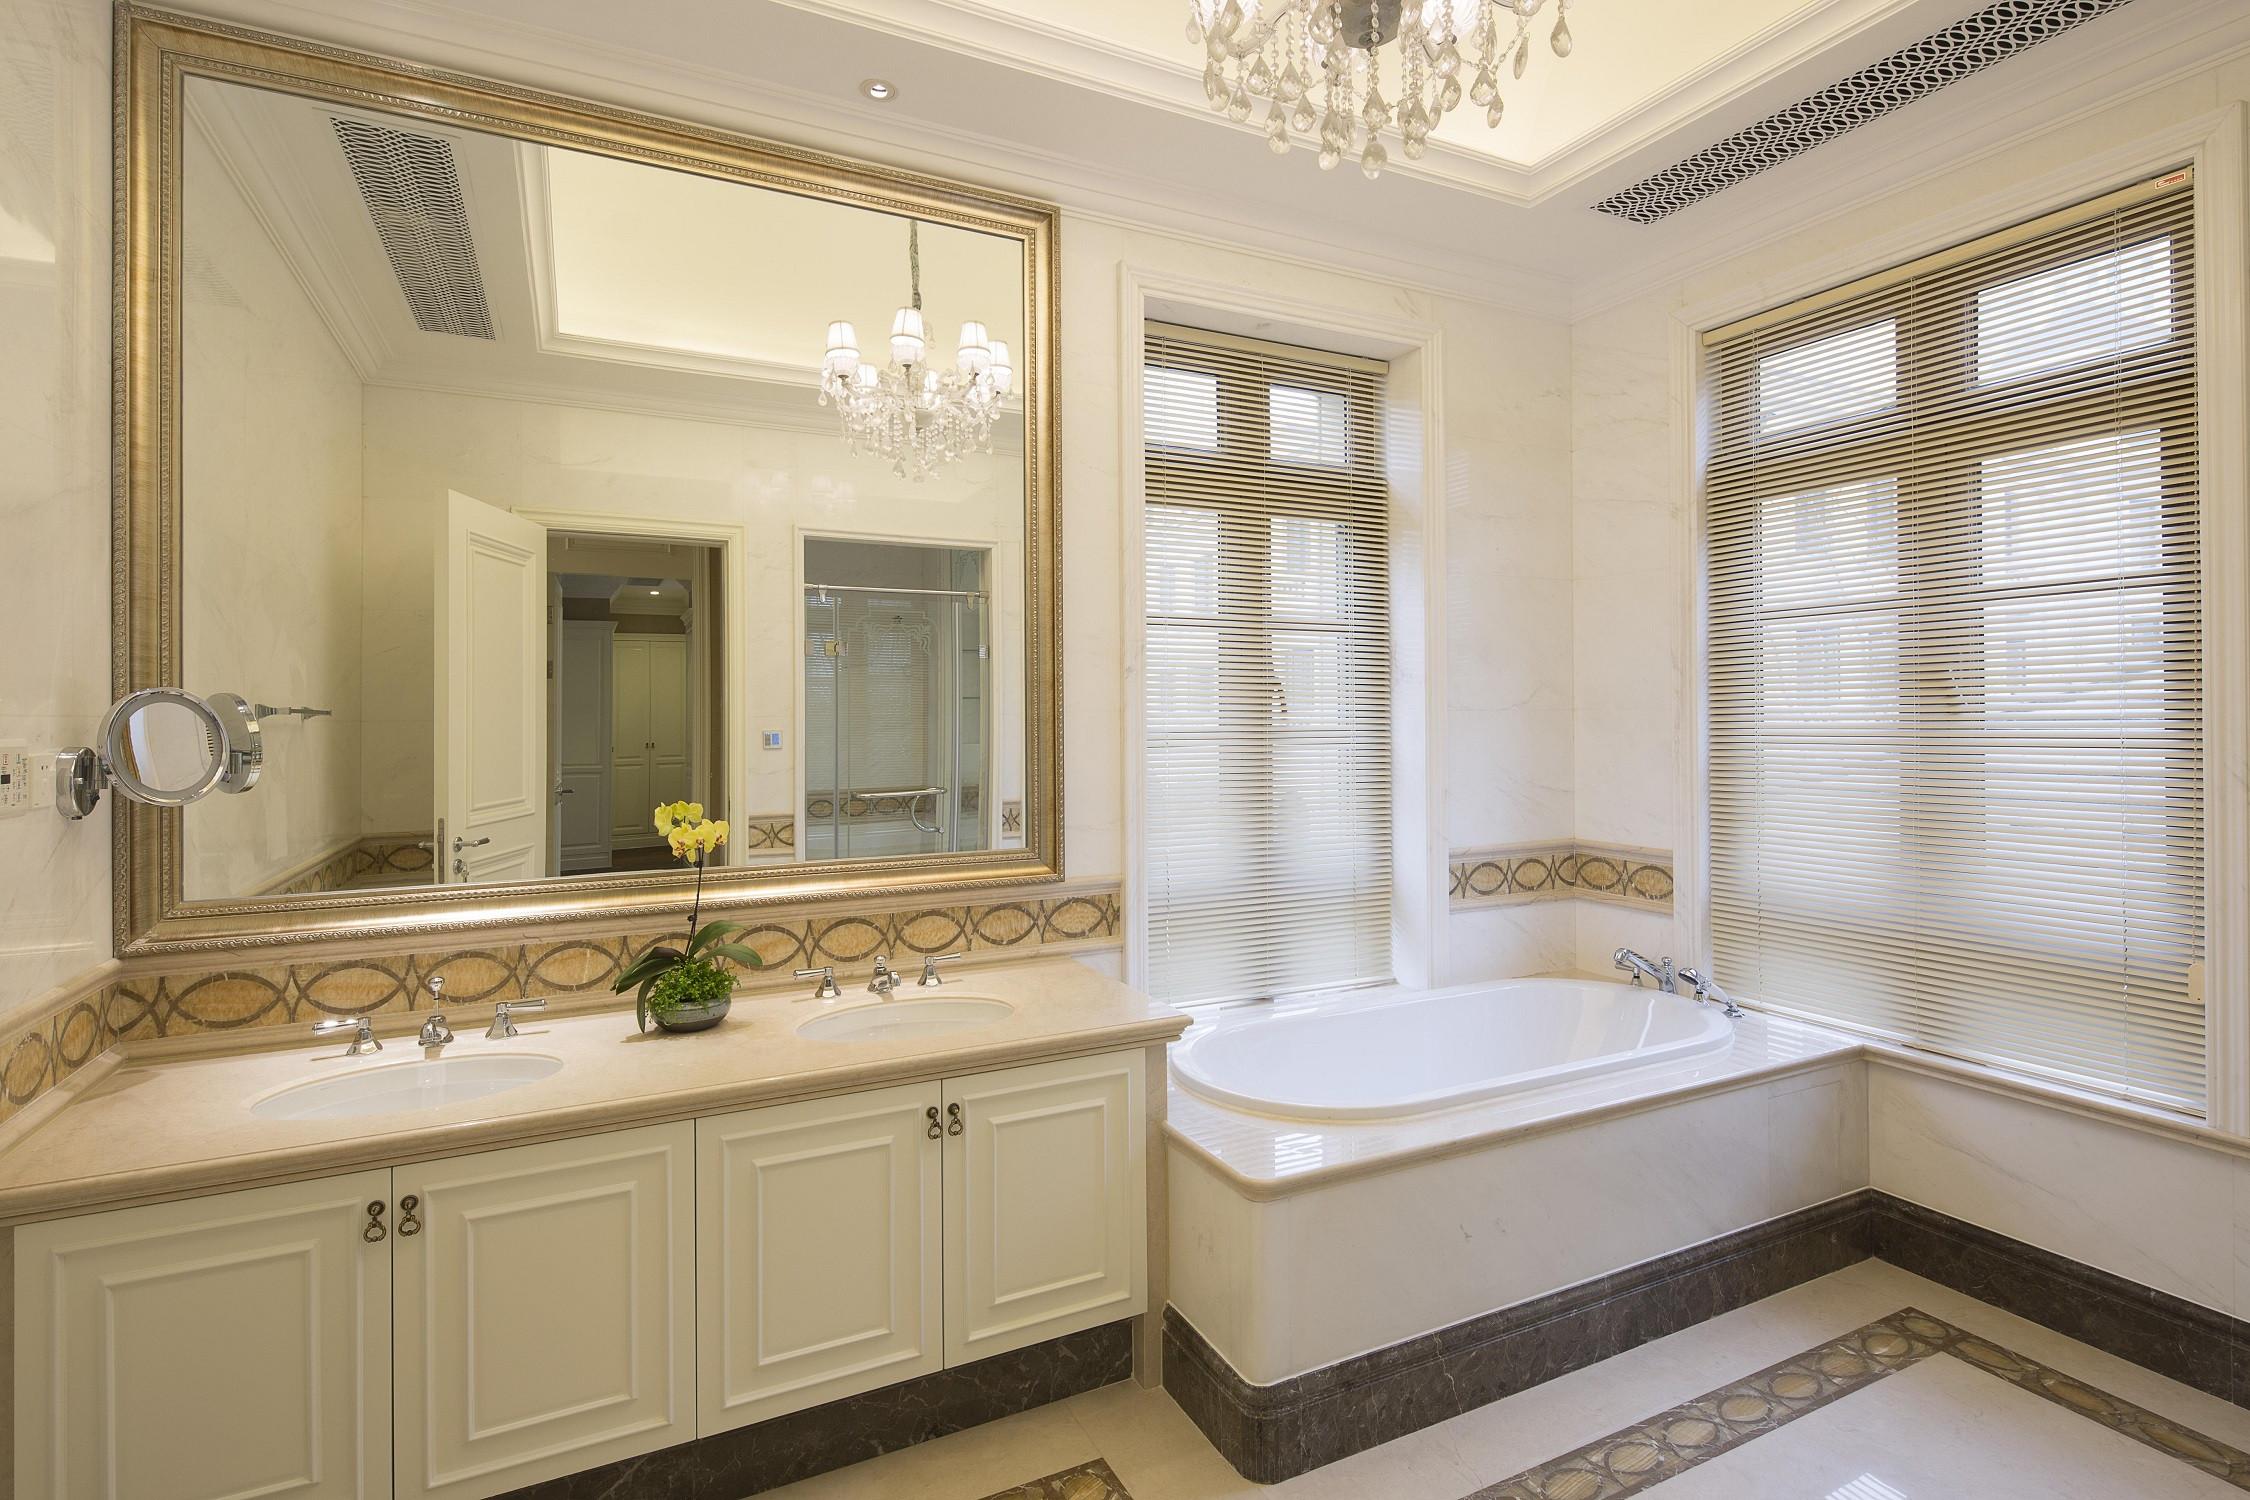 法式别墅装修卫生间设计图